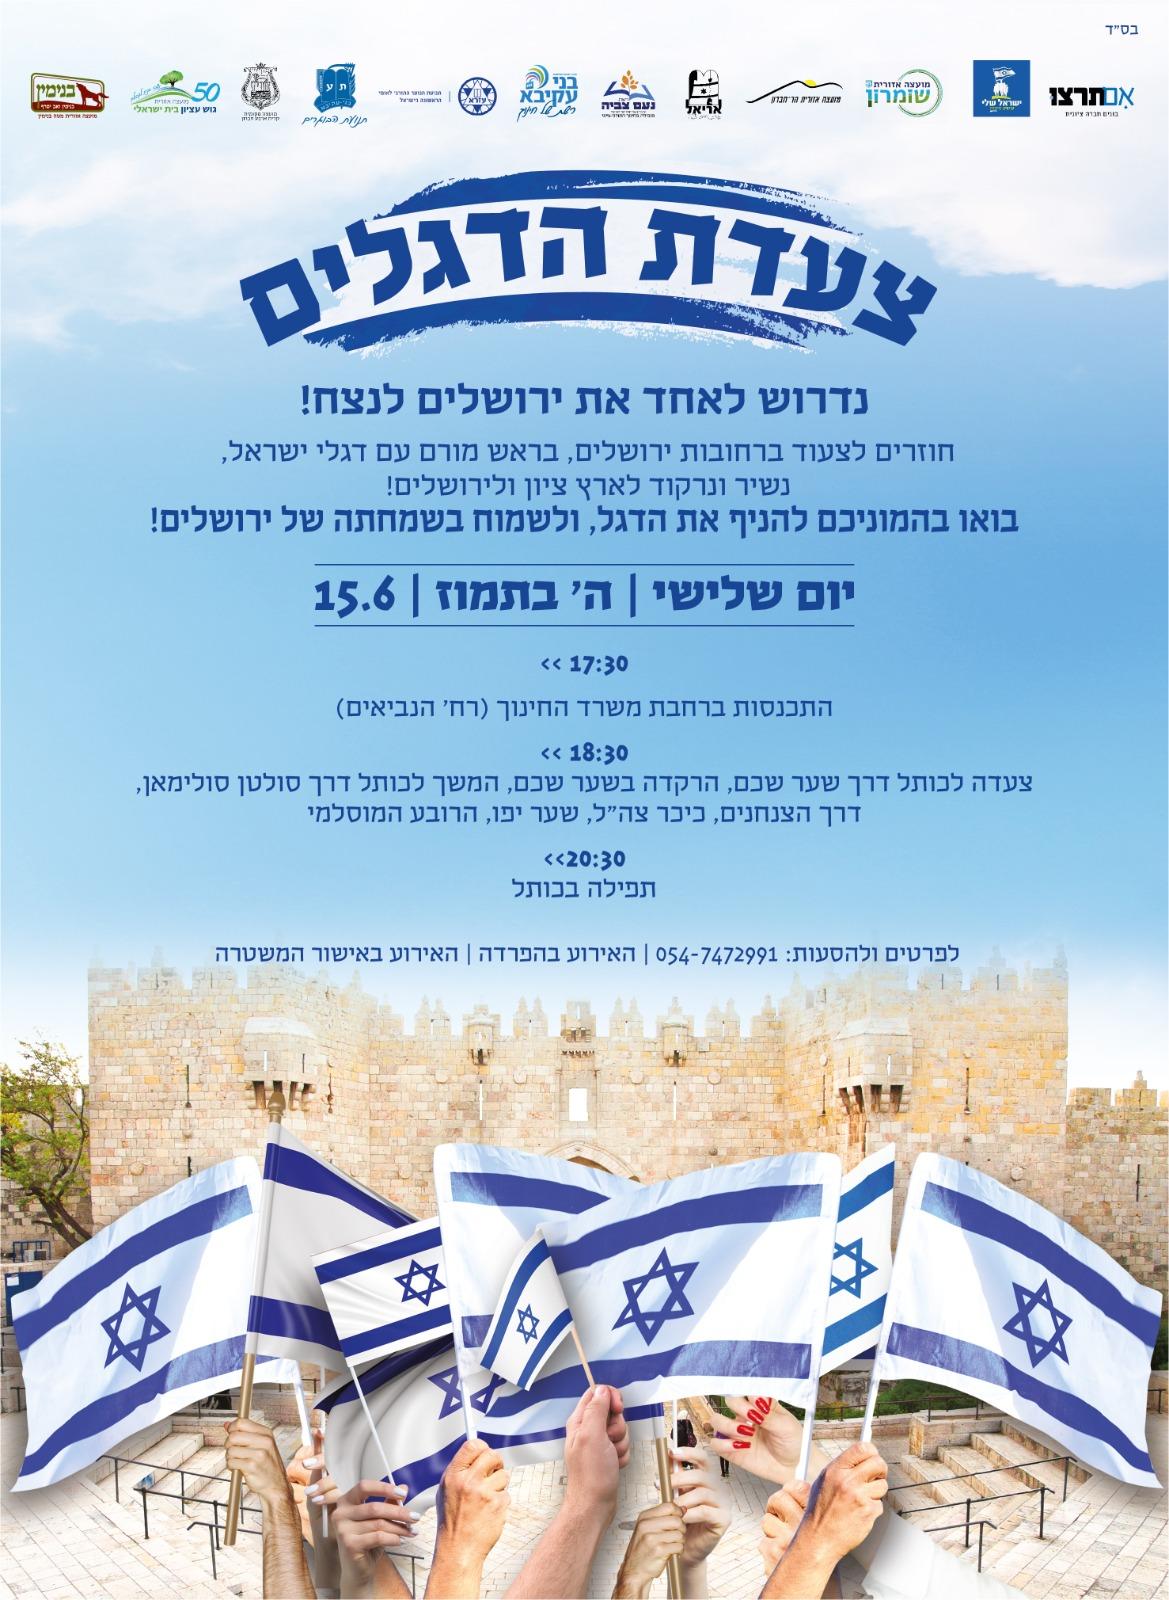 אומרים די, אנשים שלא מכירים בירושלים כבירת ישראל לא ישבו בכנסת!